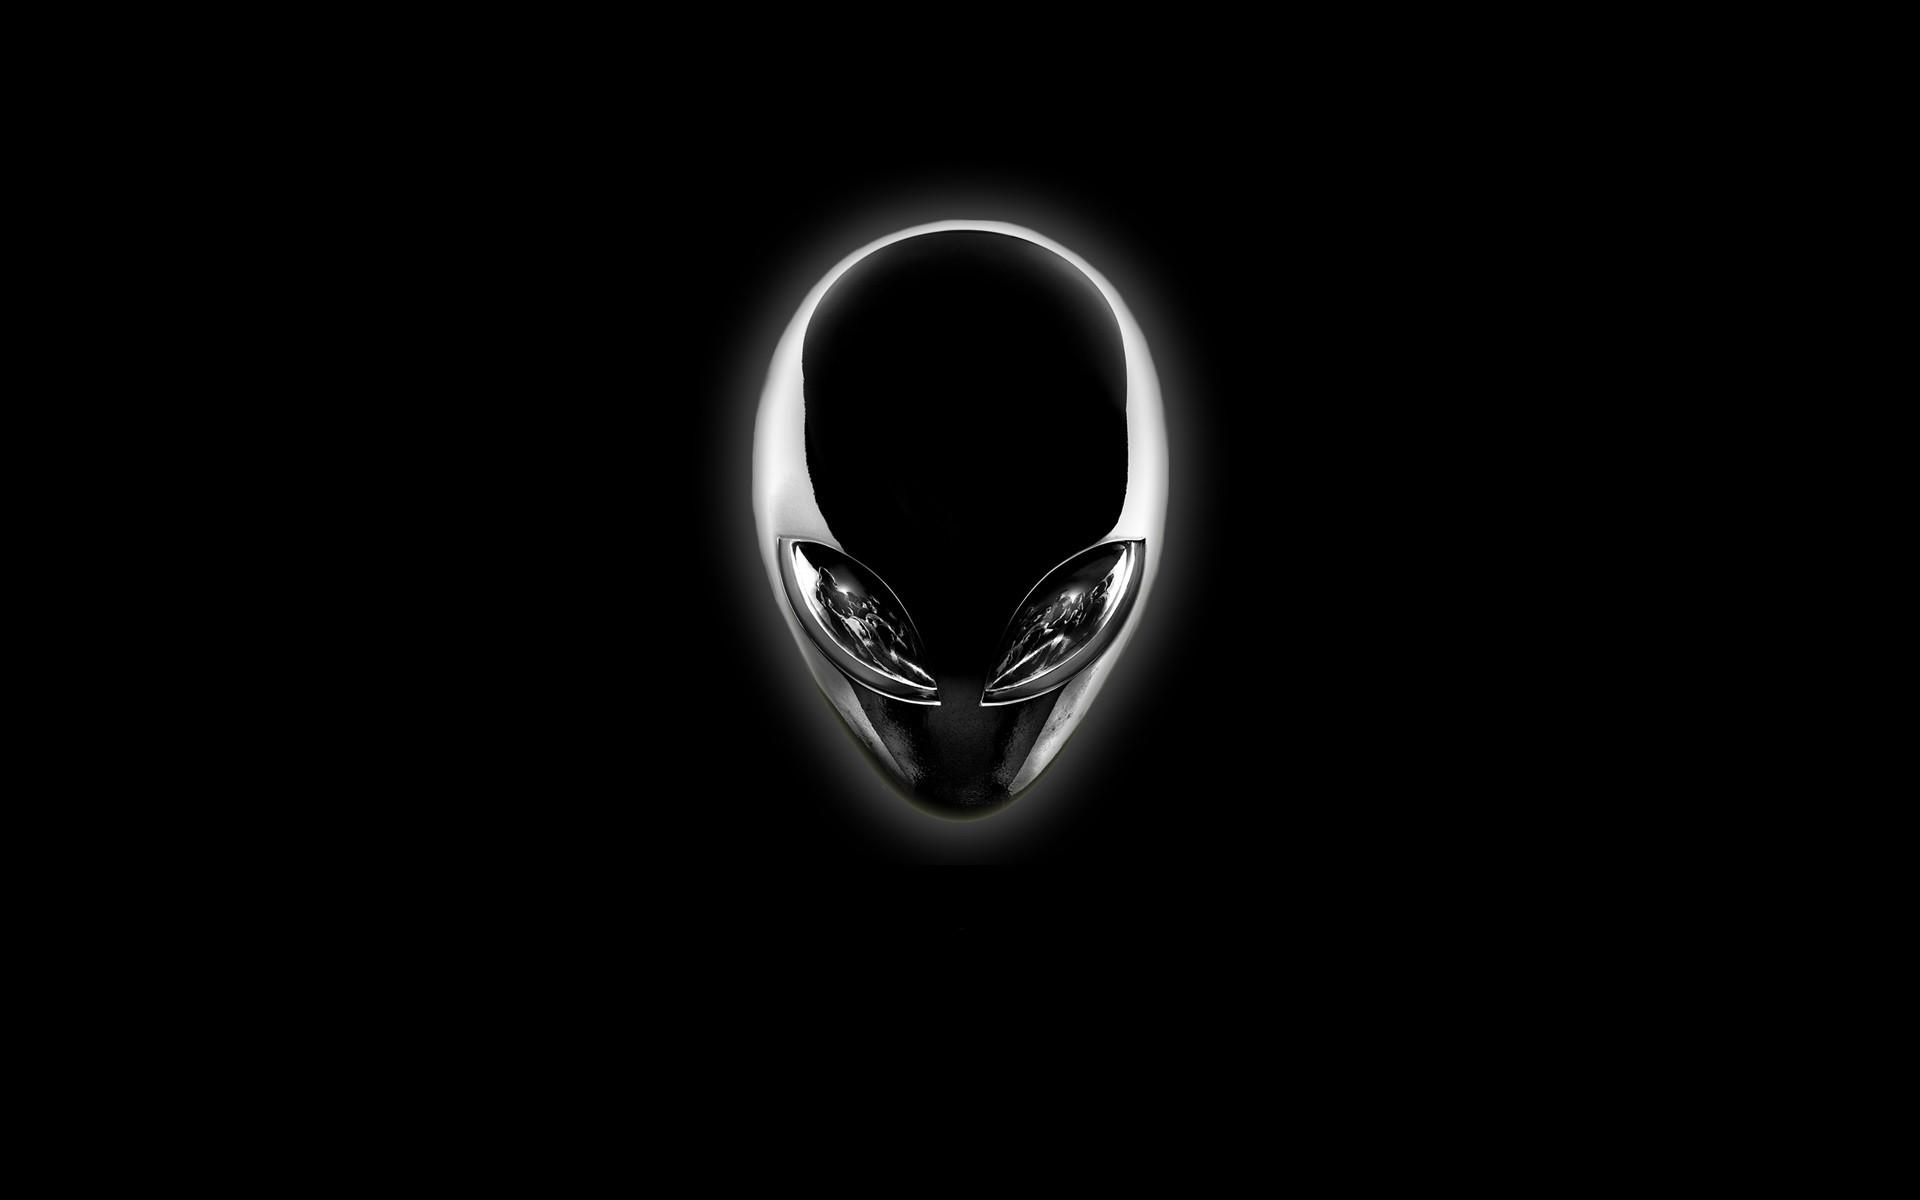 Etwas Neues genug Alienware Wallpapers (73+ images) @IX_45